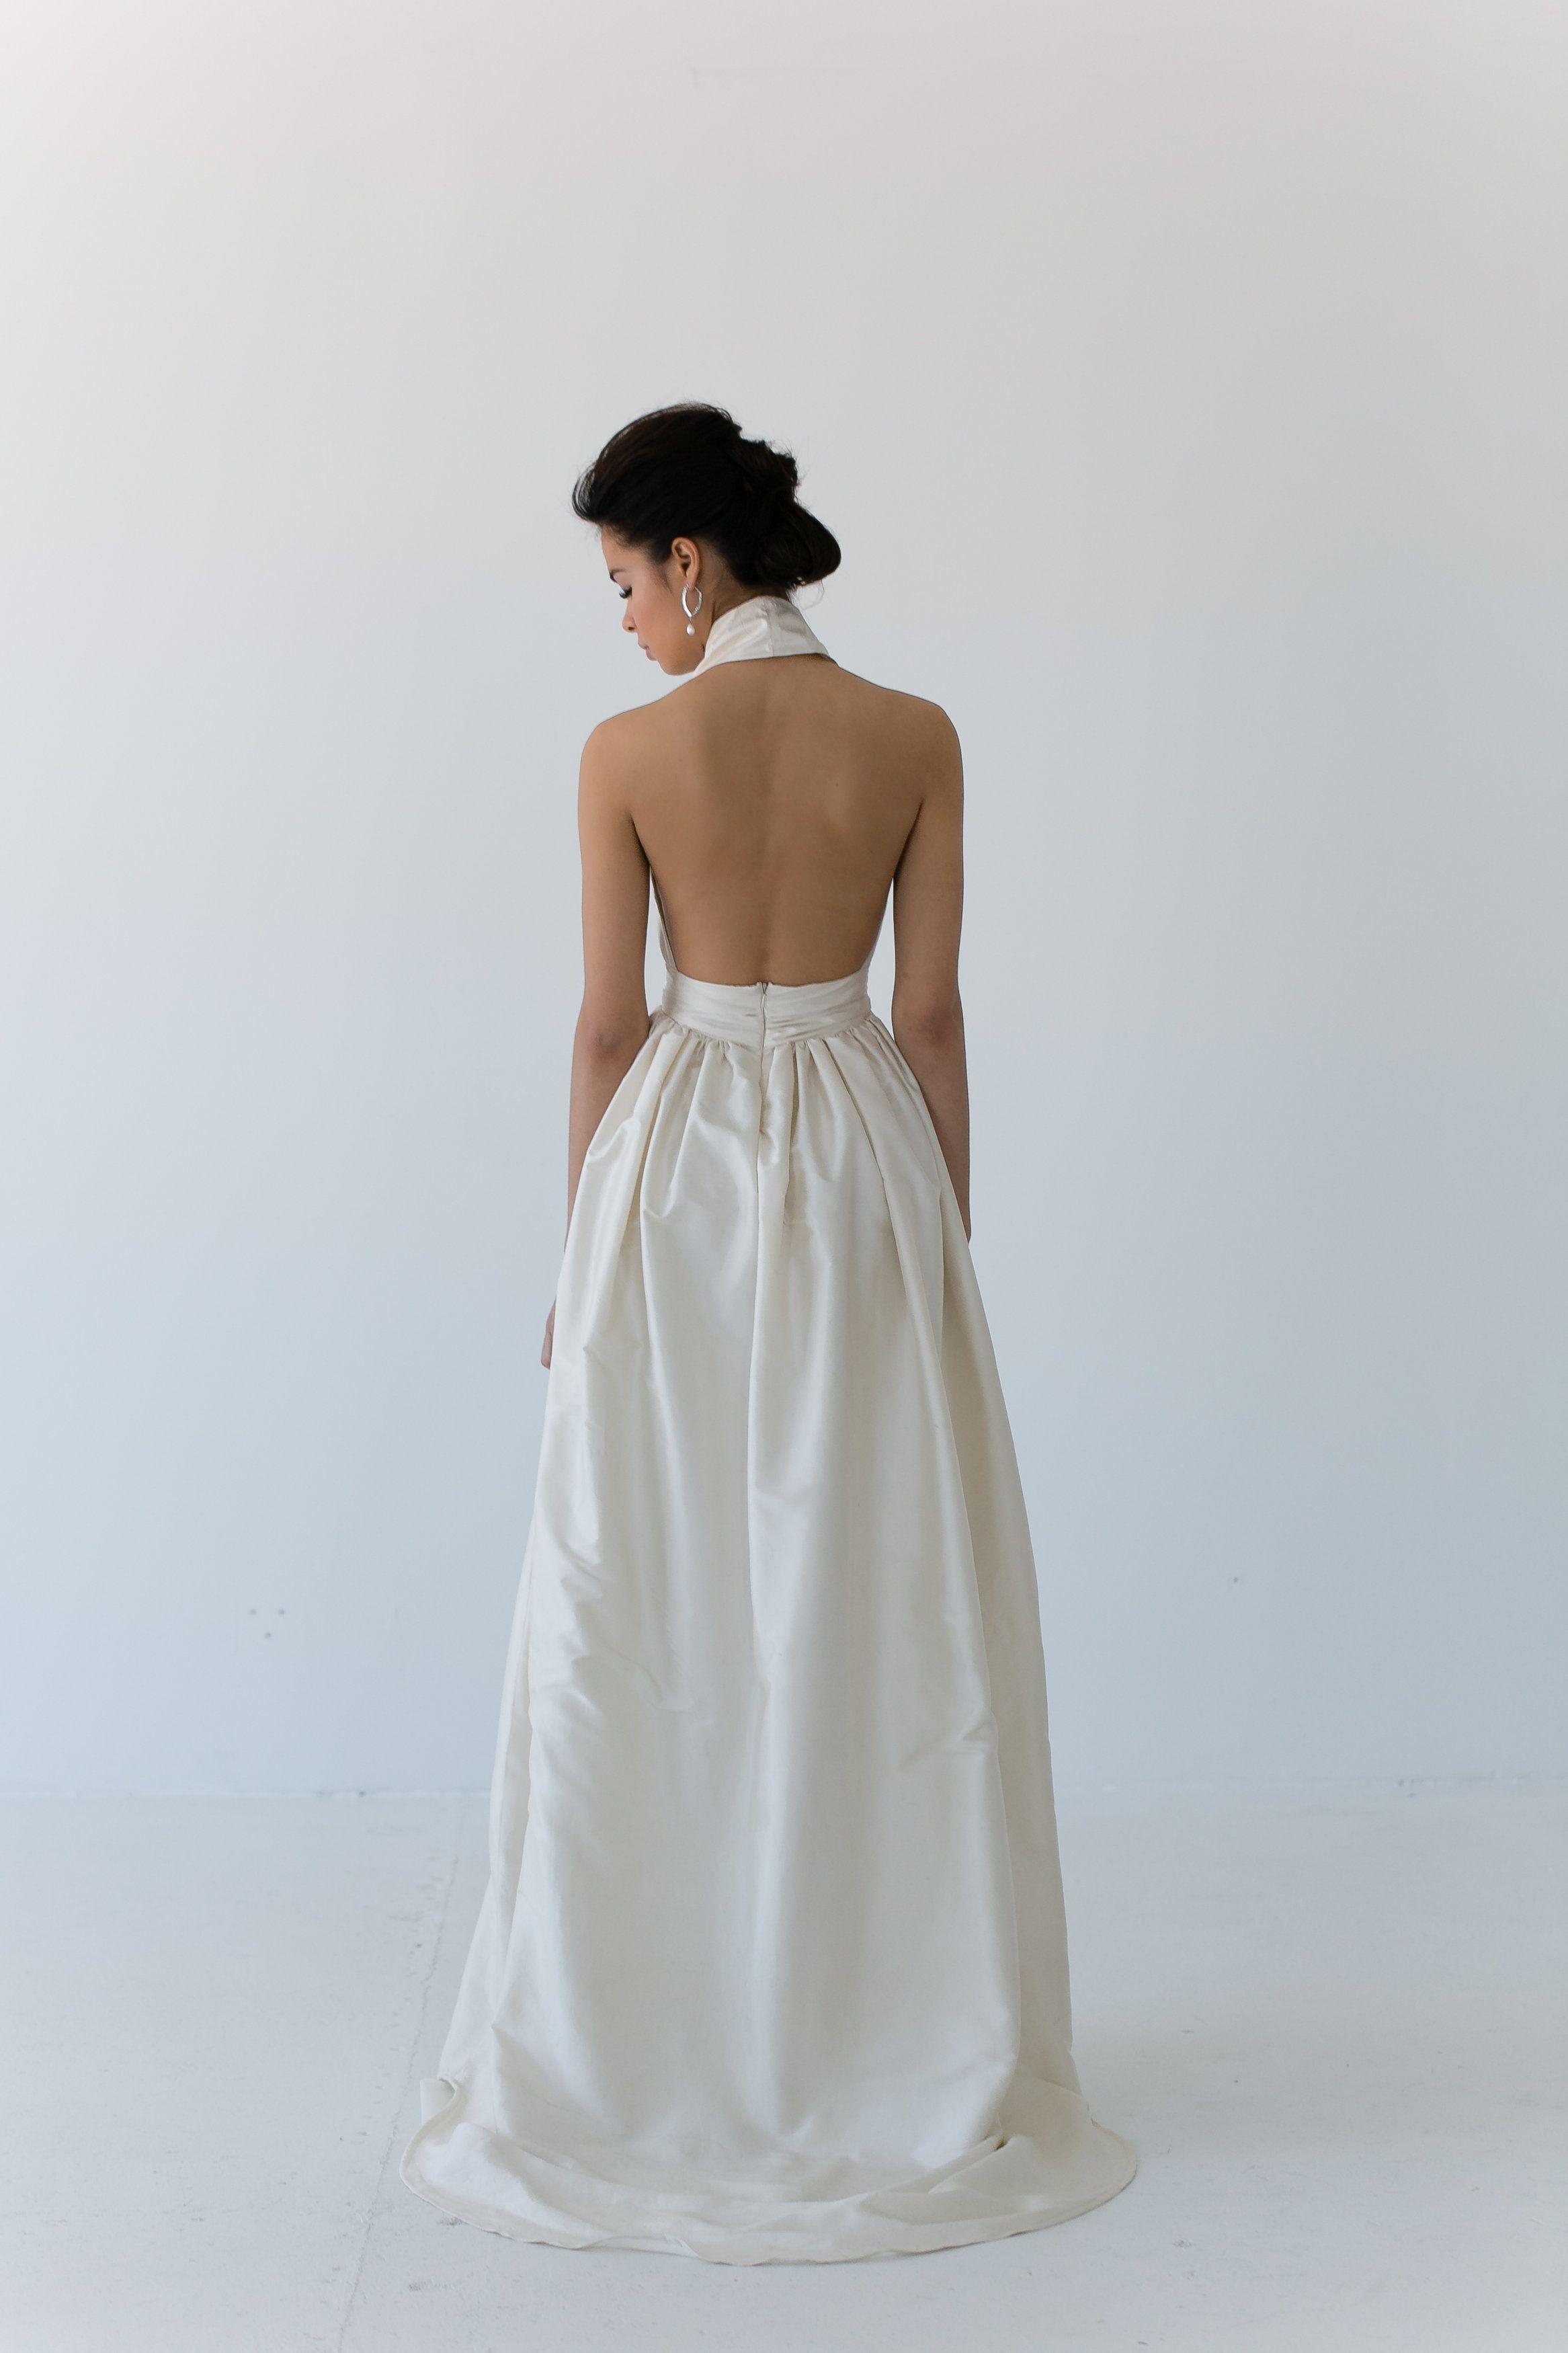 Vivienne Gown By Alyssa Kristin Emilia Jane Photography Chicago Wedding Chicago Designer Hal Wedding Dresses 2014 Romantic Wedding Gown Wedding Dress Store